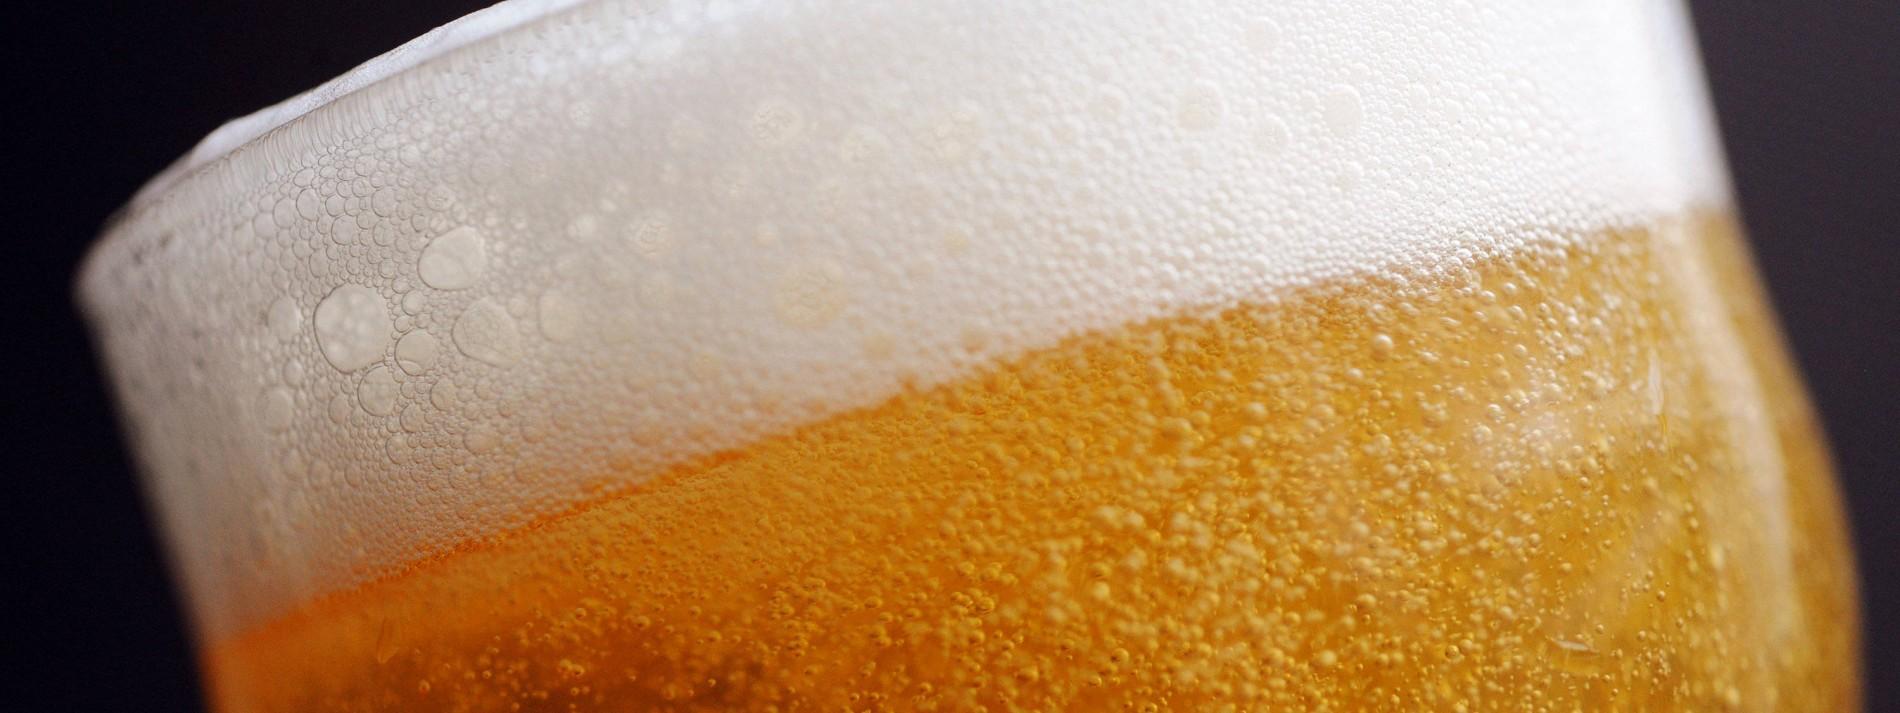 Anheuser kauft südkoreanische Brauerei für 6 Milliarden